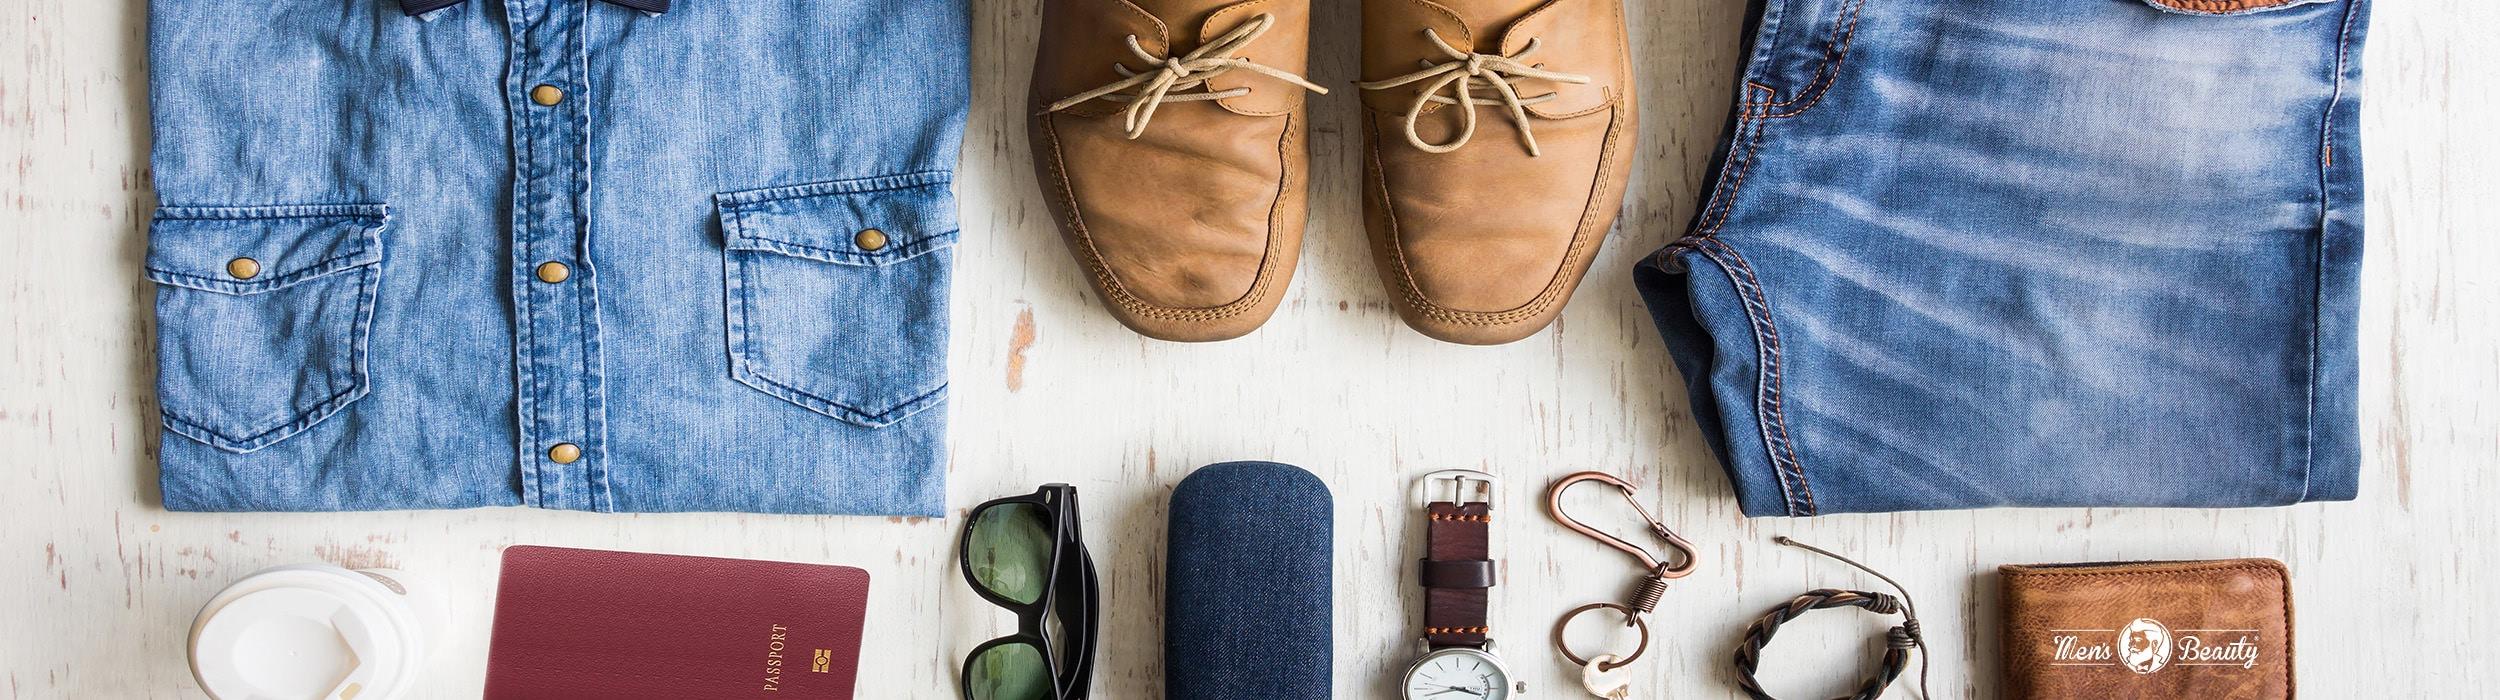 moda hombre prendas calzado ropa complementos